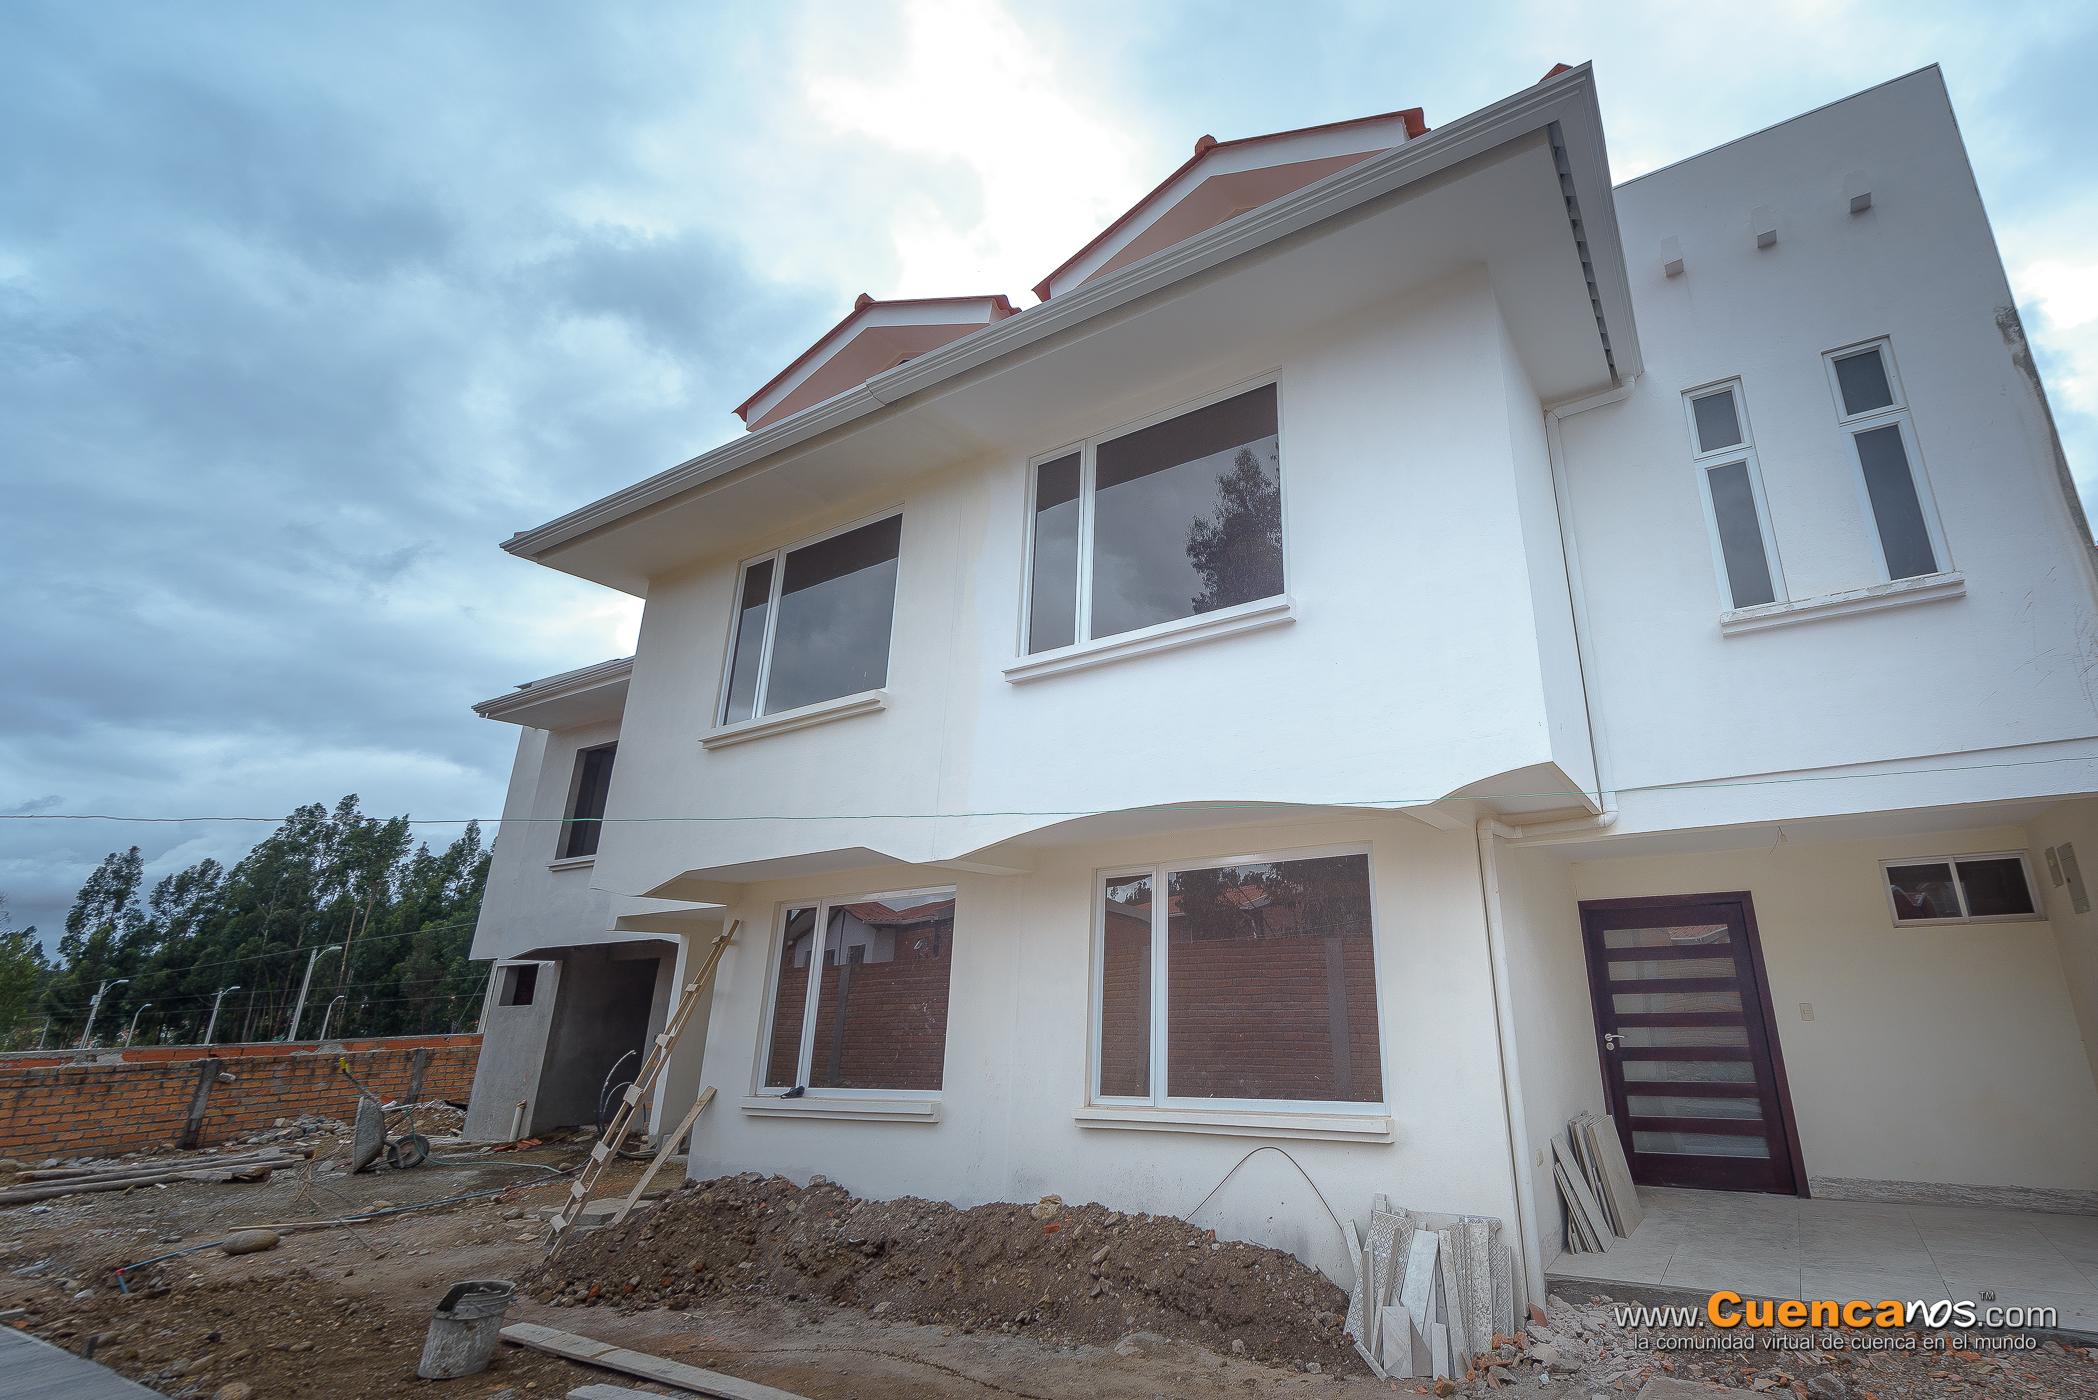 Casas en venta urbanización CICA Ochoa Leon